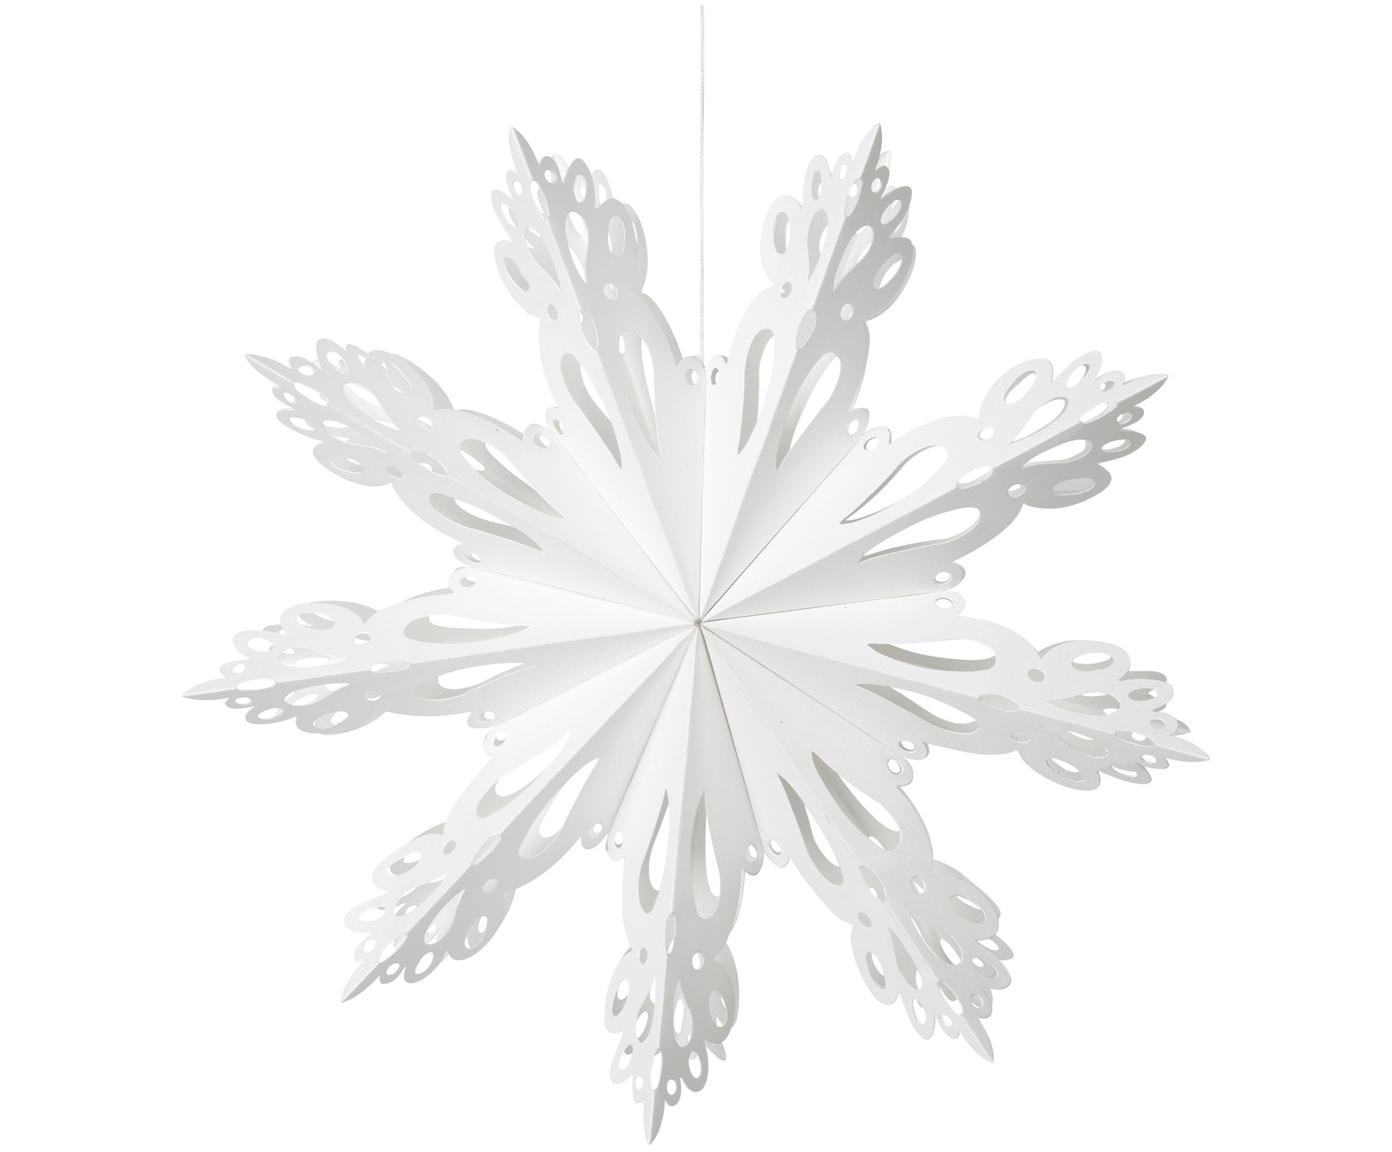 XL Baumanhänger Snowflake, Papier, Weiss, Ø 30 cm